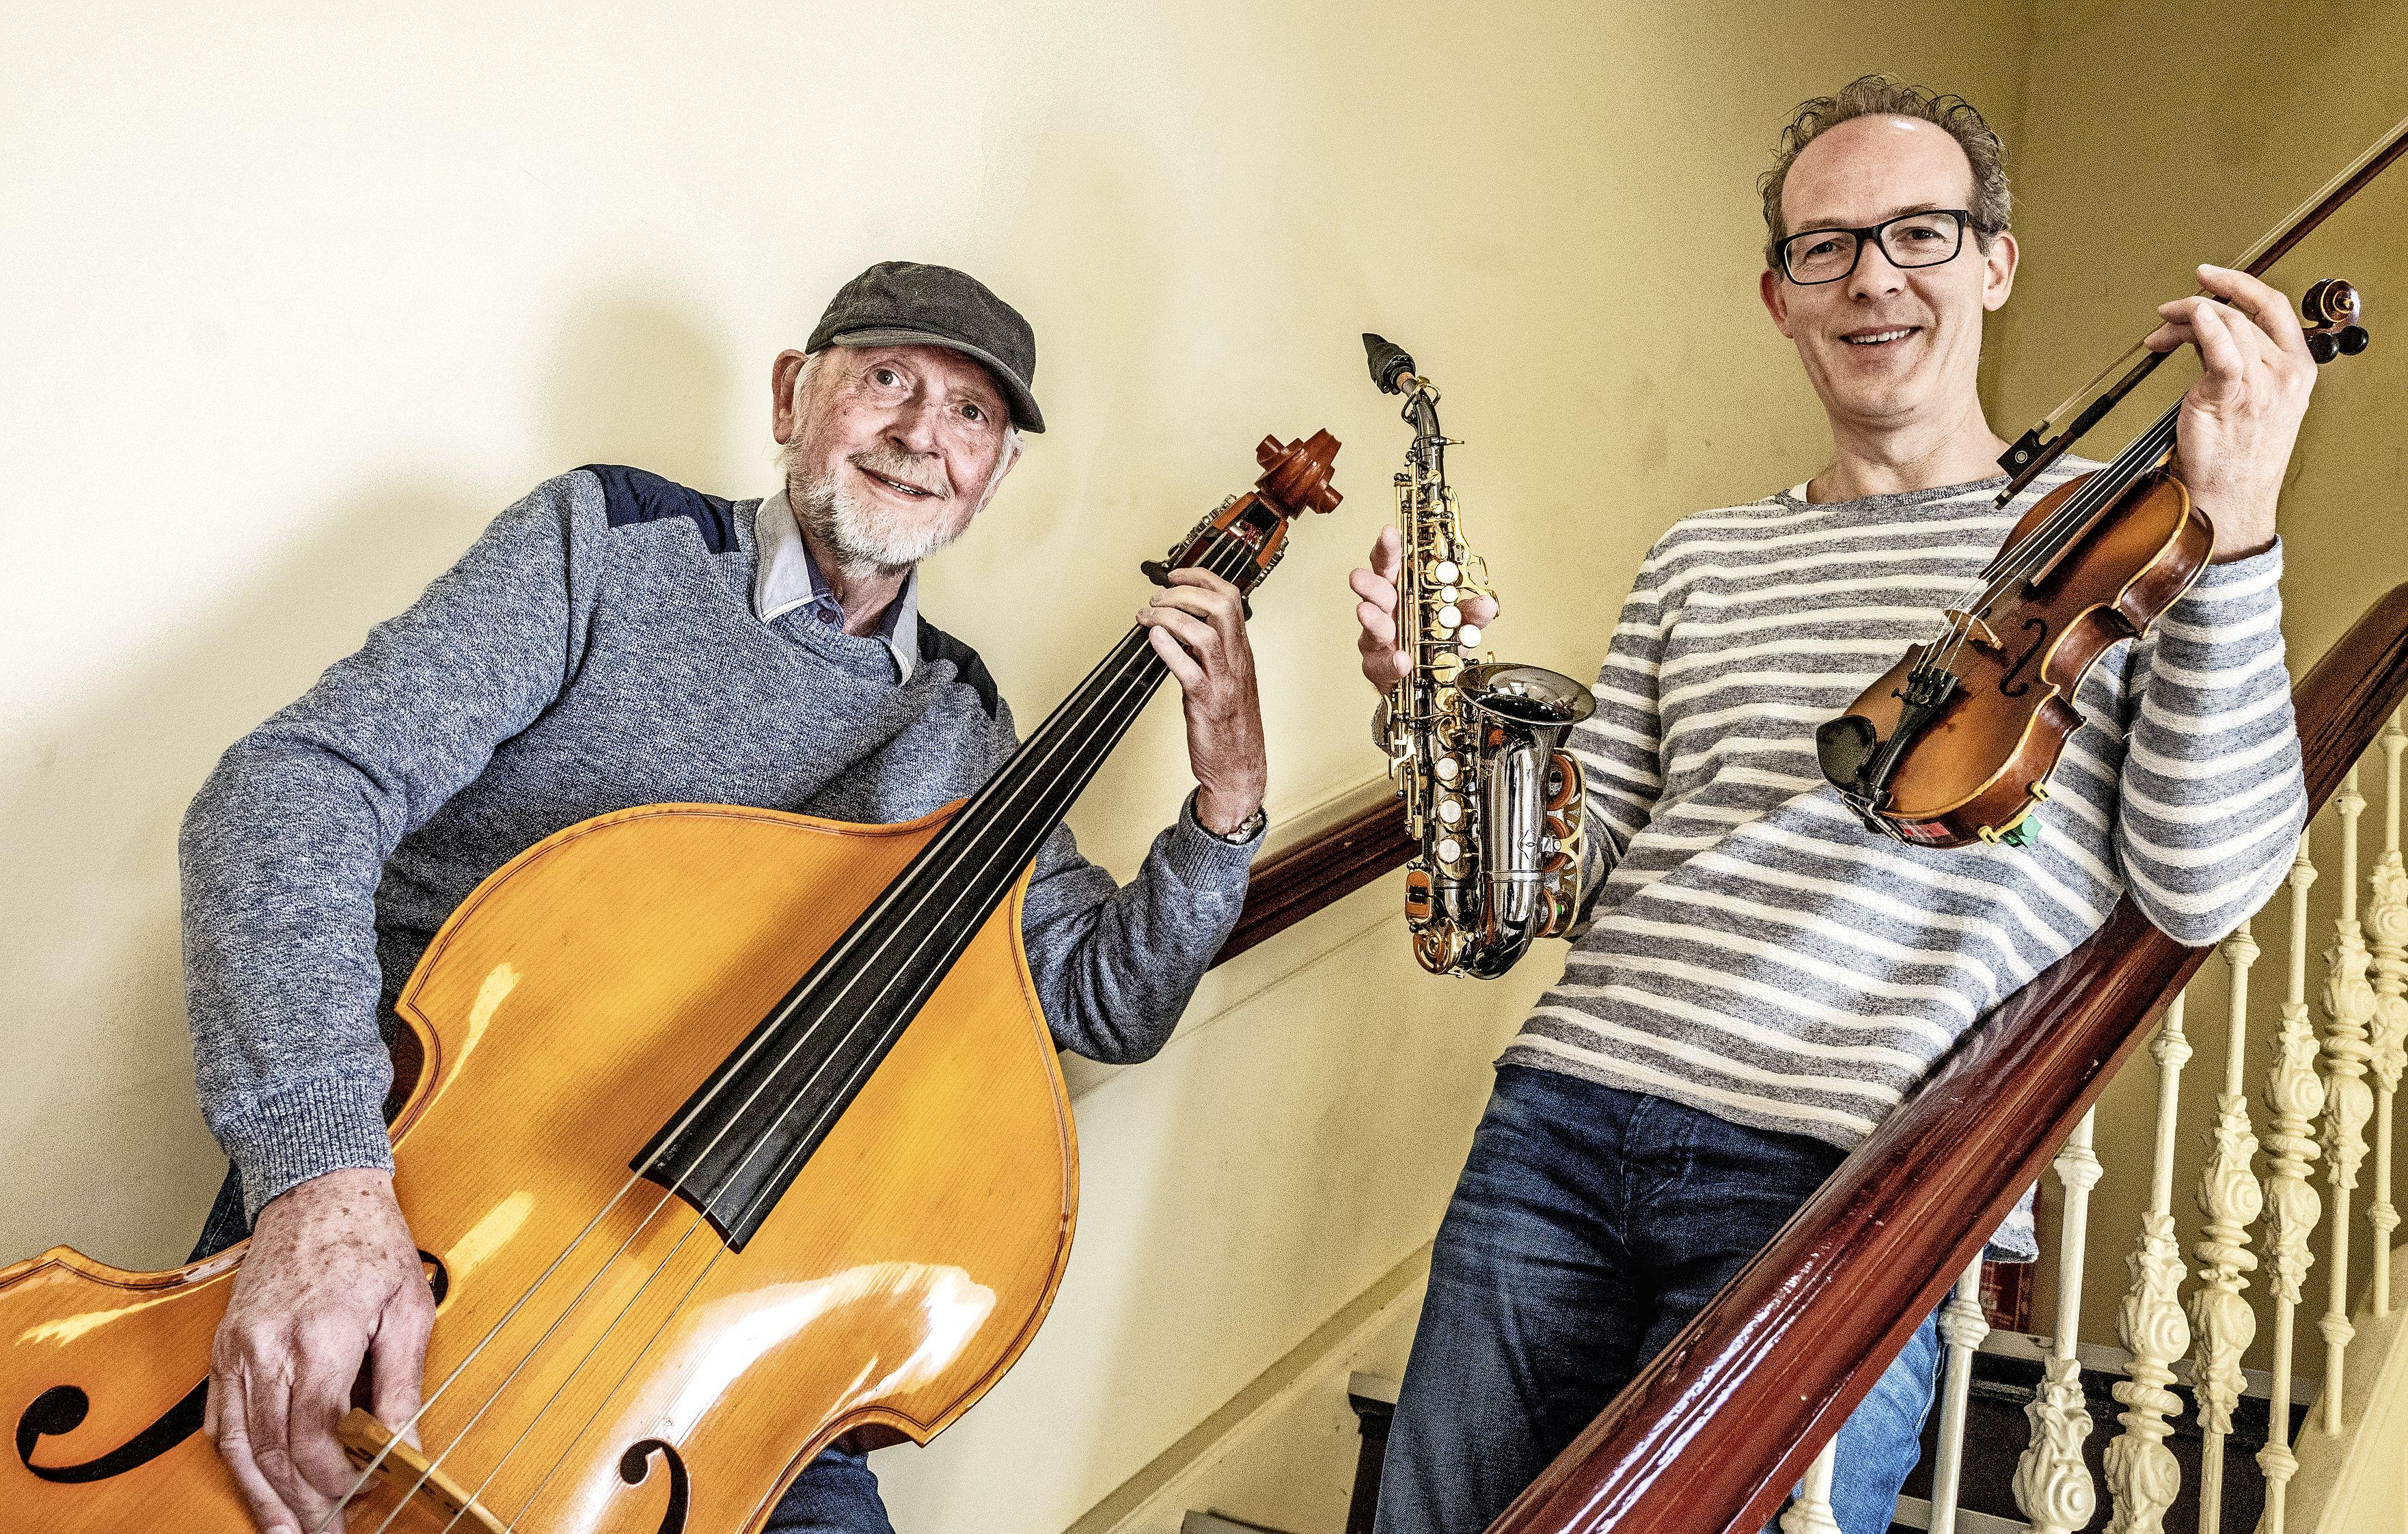 Een contrabas, harp of sopraansax kopen? Huren via het Algemeen Muziekfonds is veel gunstiger